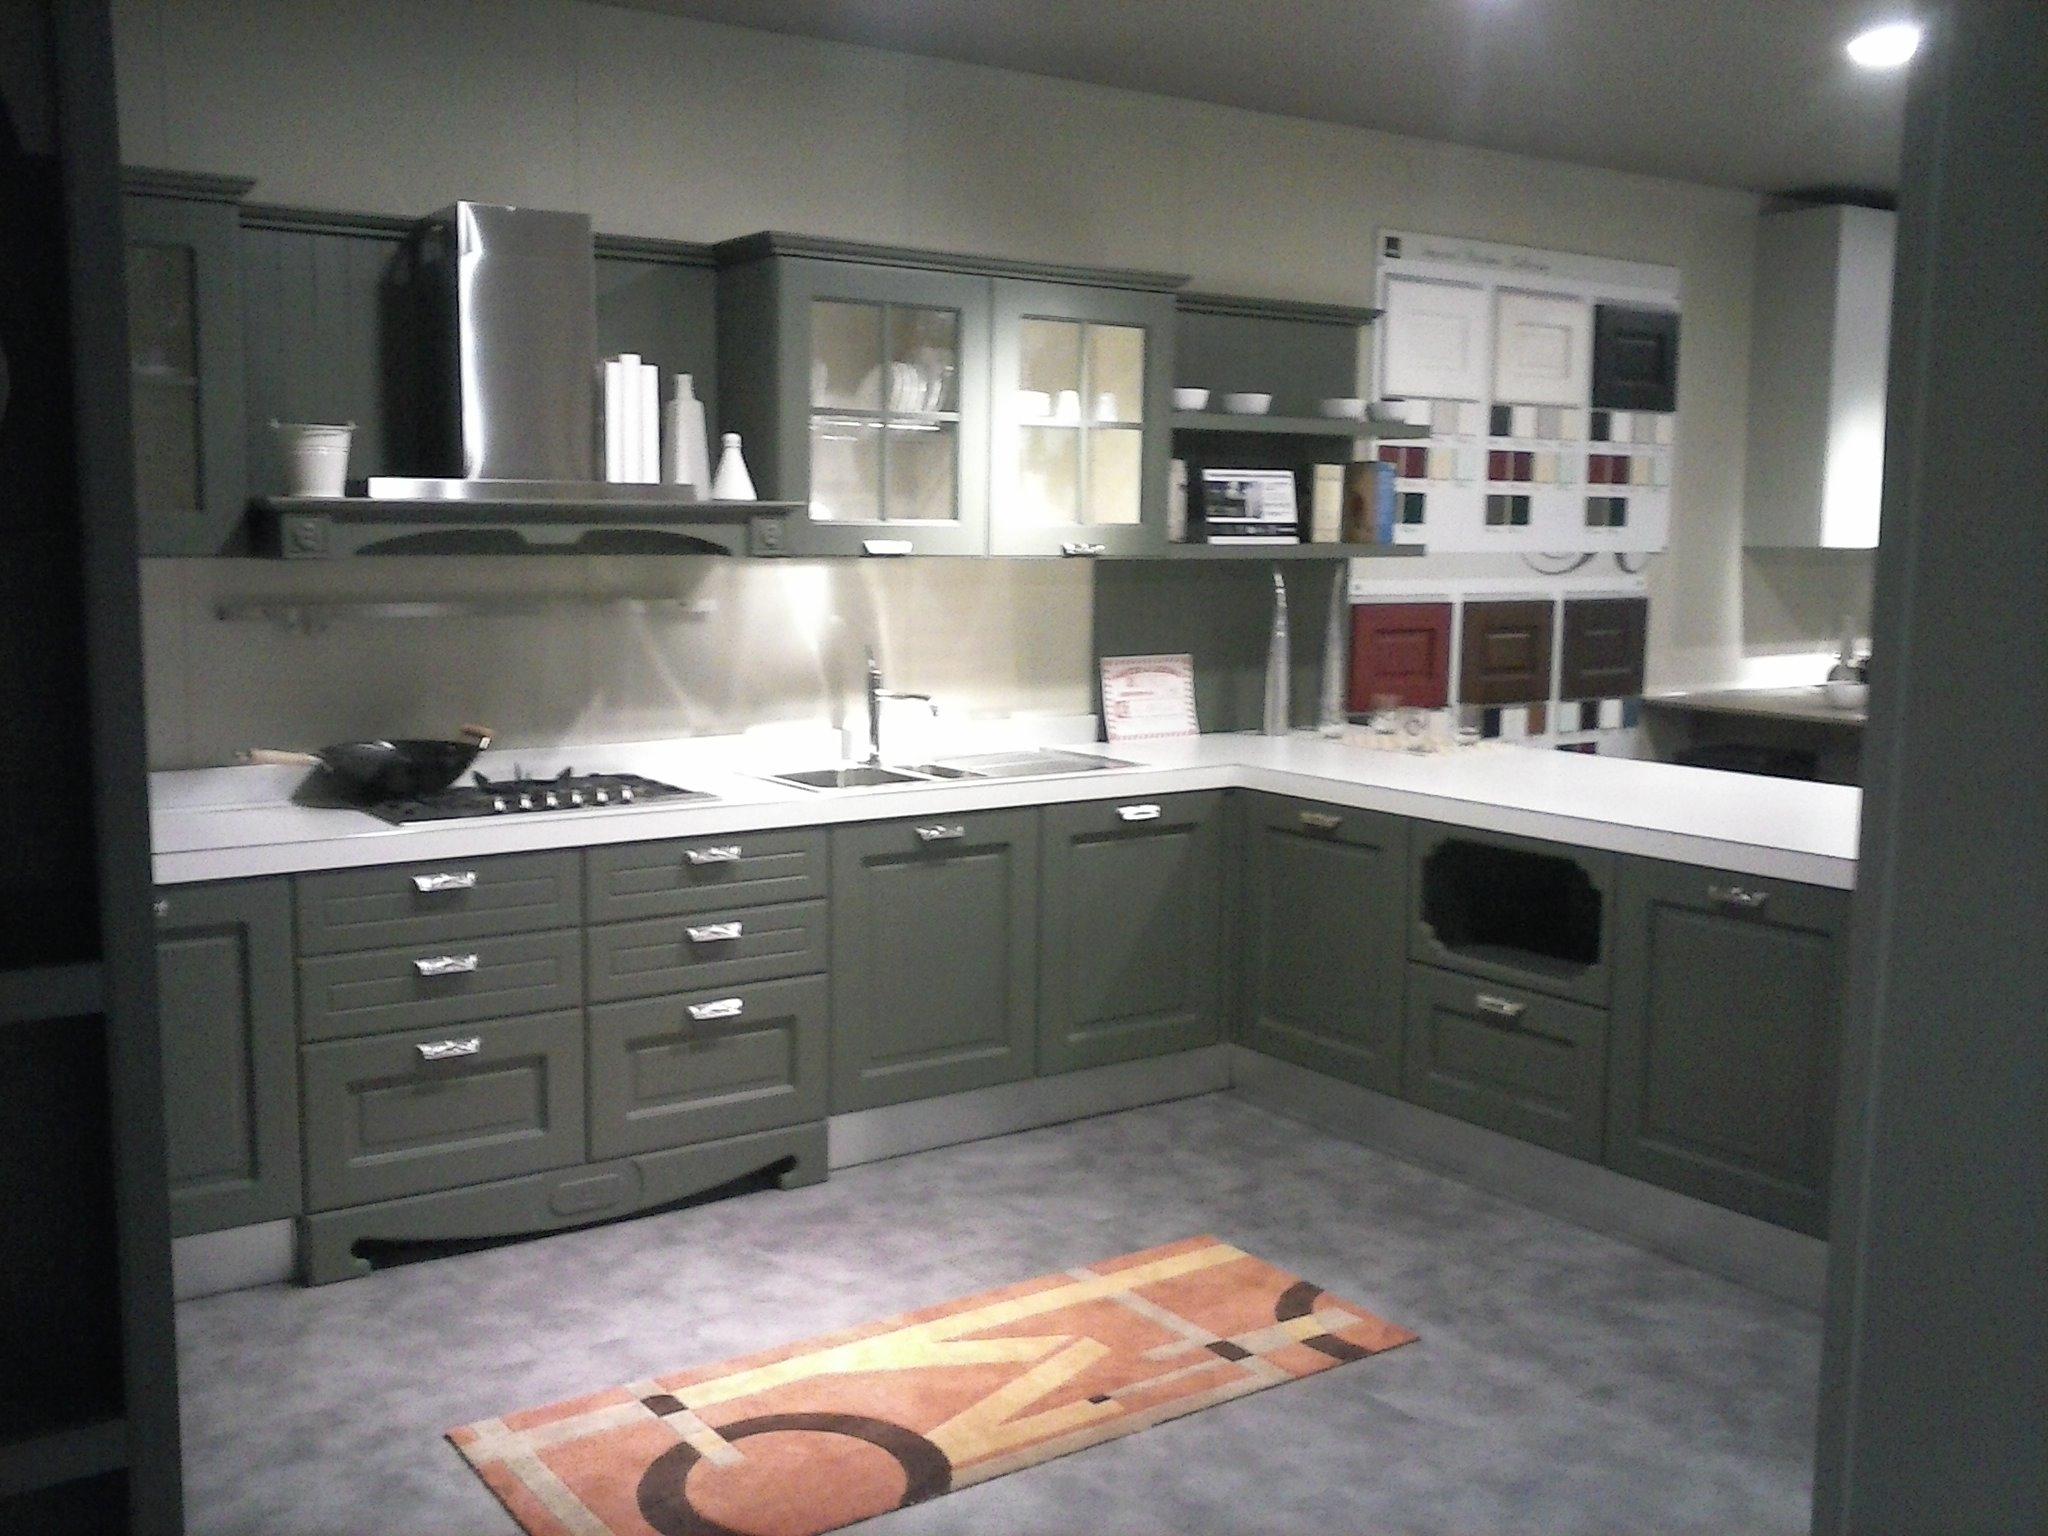 Isola cucina legno creativo - Aran cucine outlet ...